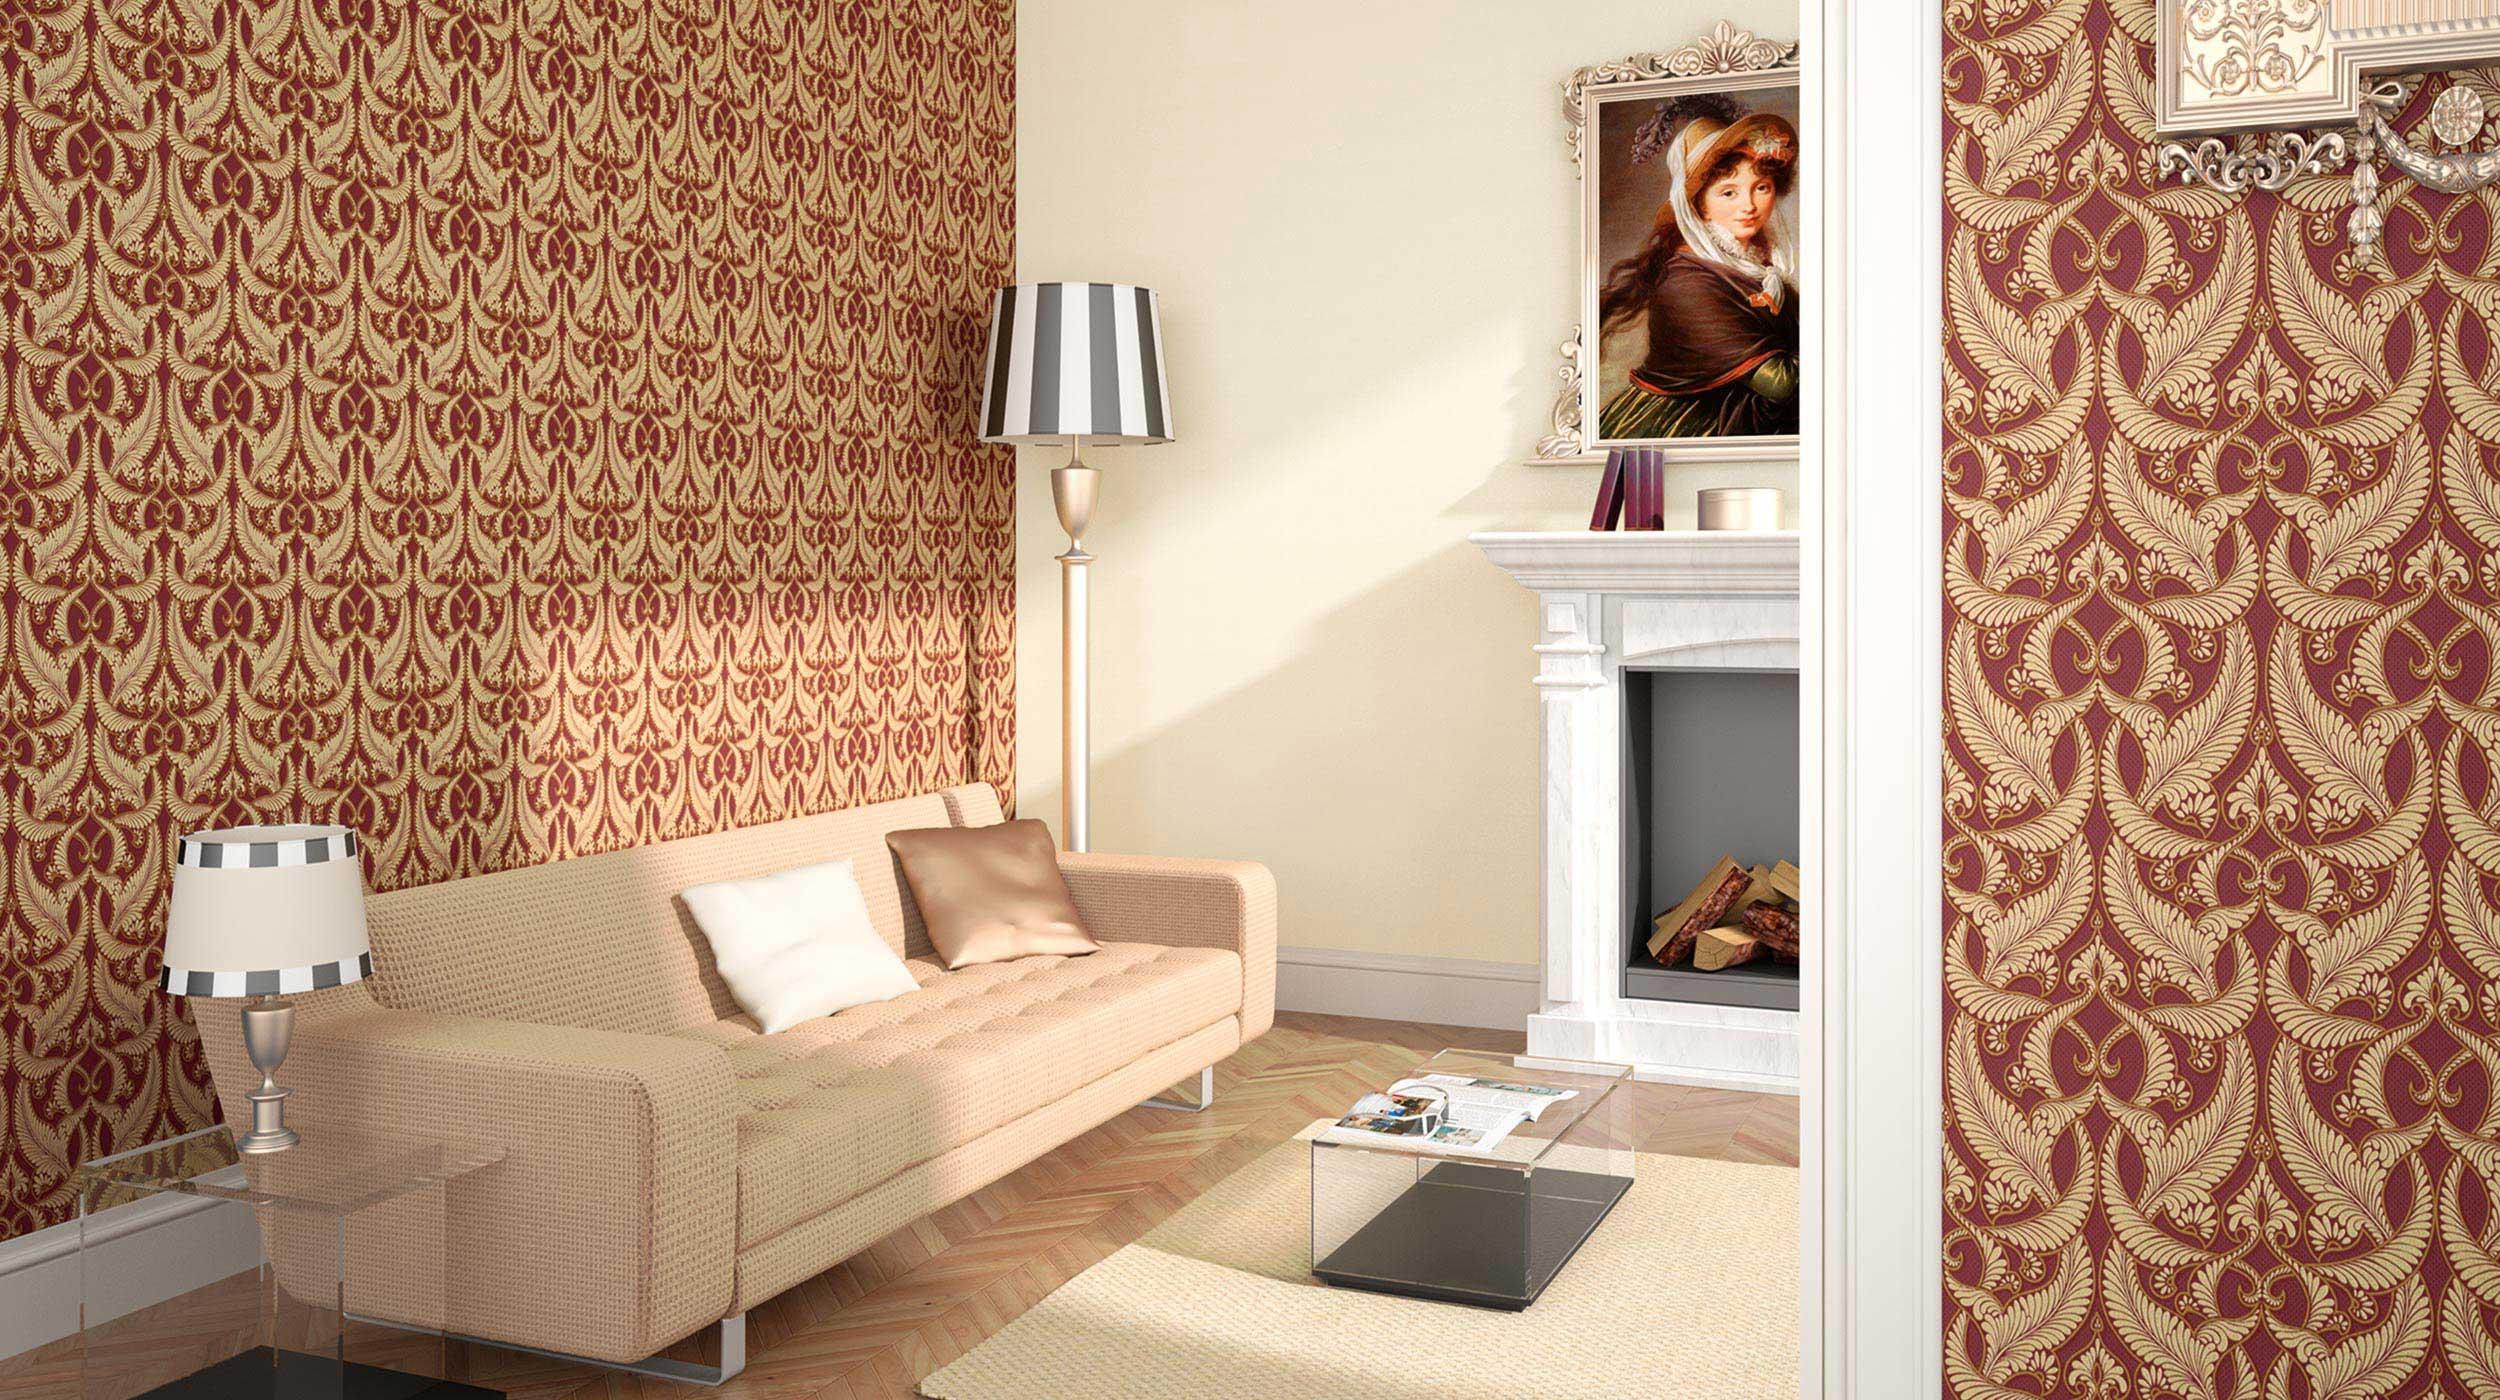 Full Size of Wohnzimmer Tapeten Wohnzimmer Tapete Pinterest Wohnzimmer Tapeten Bei Amazon Tapete Wohnzimmer Petrol Wohnzimmer Wohnzimmer Tapete